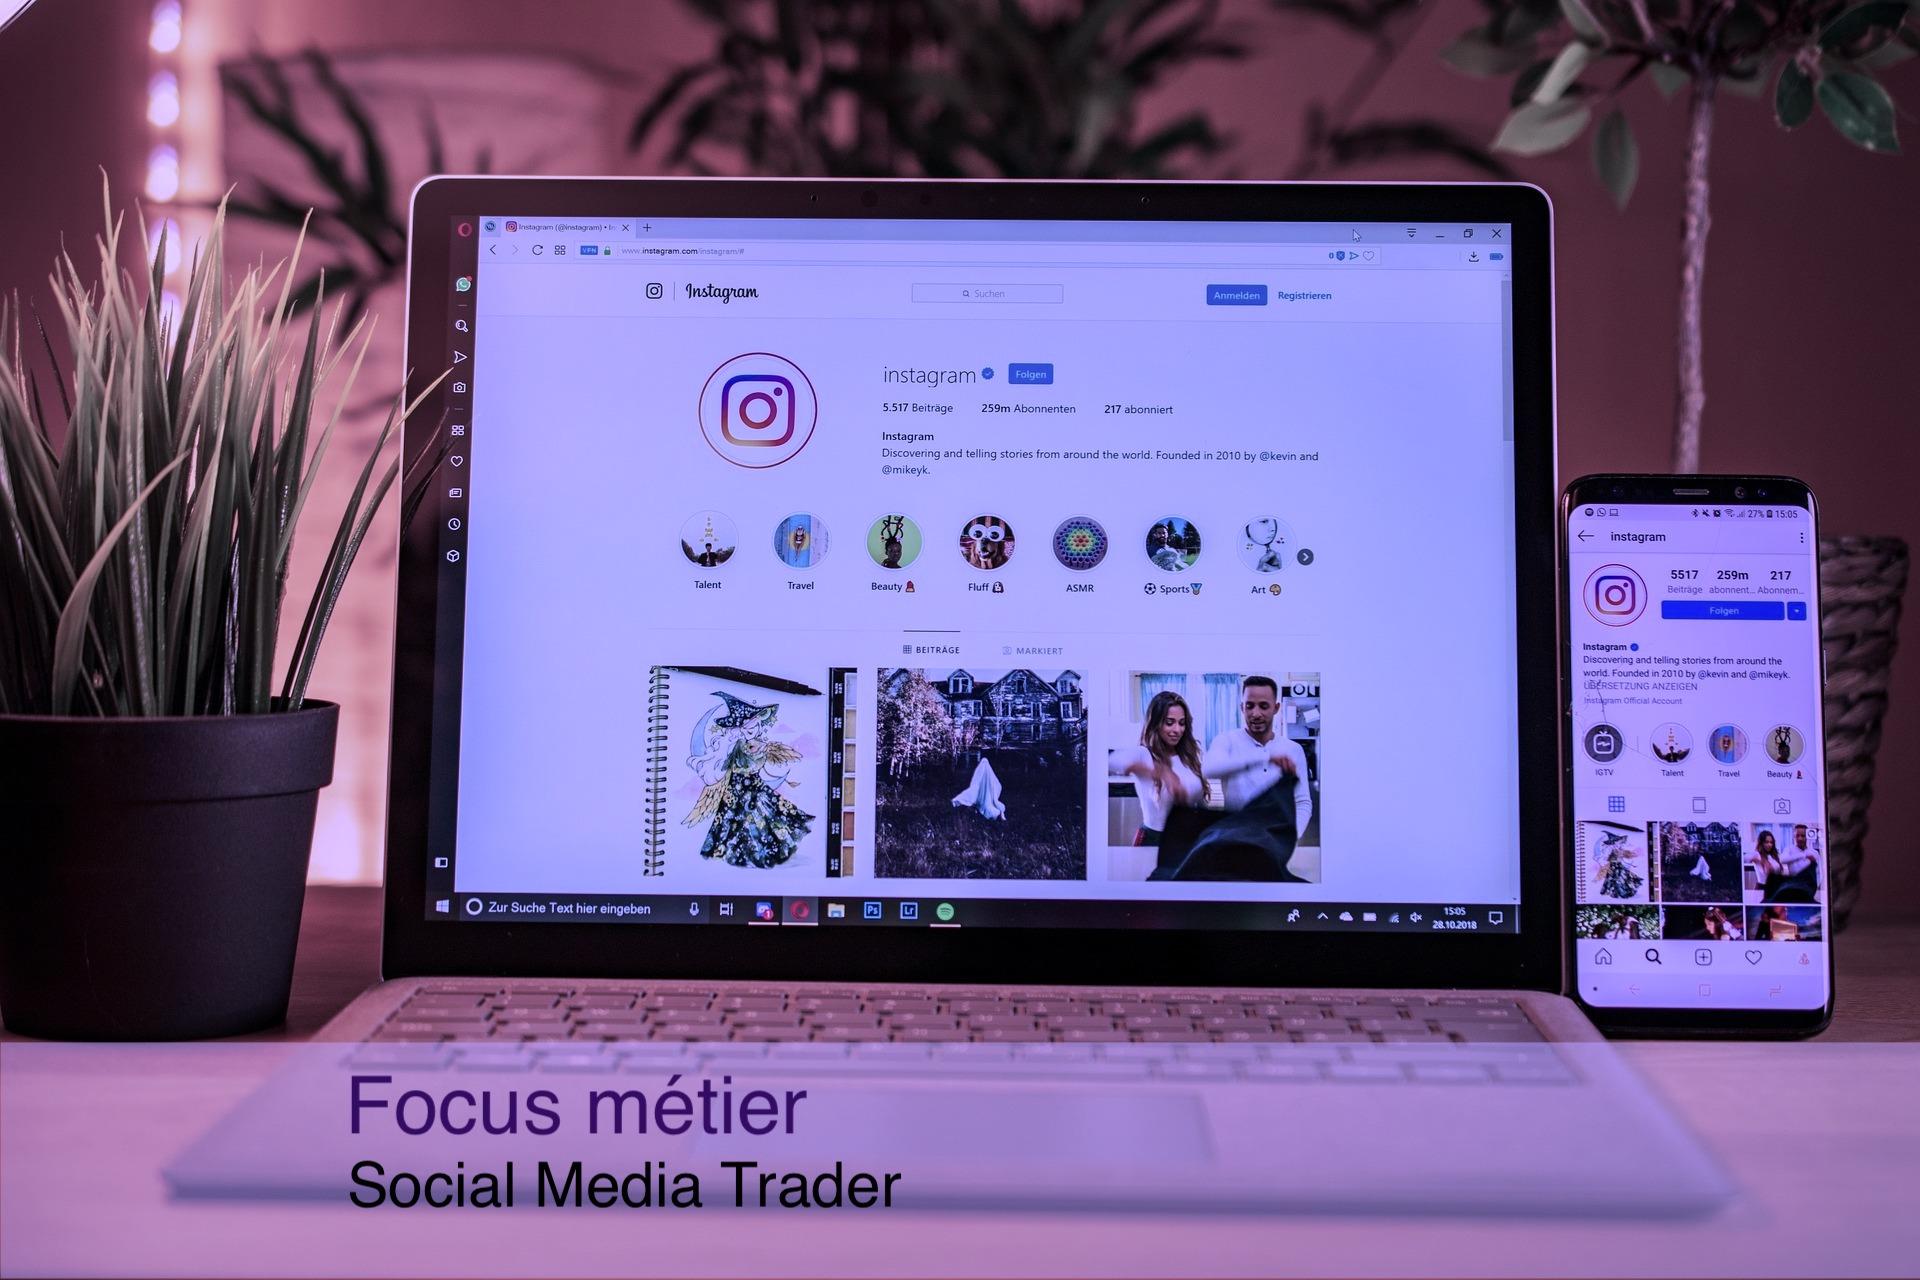 Social Media trader